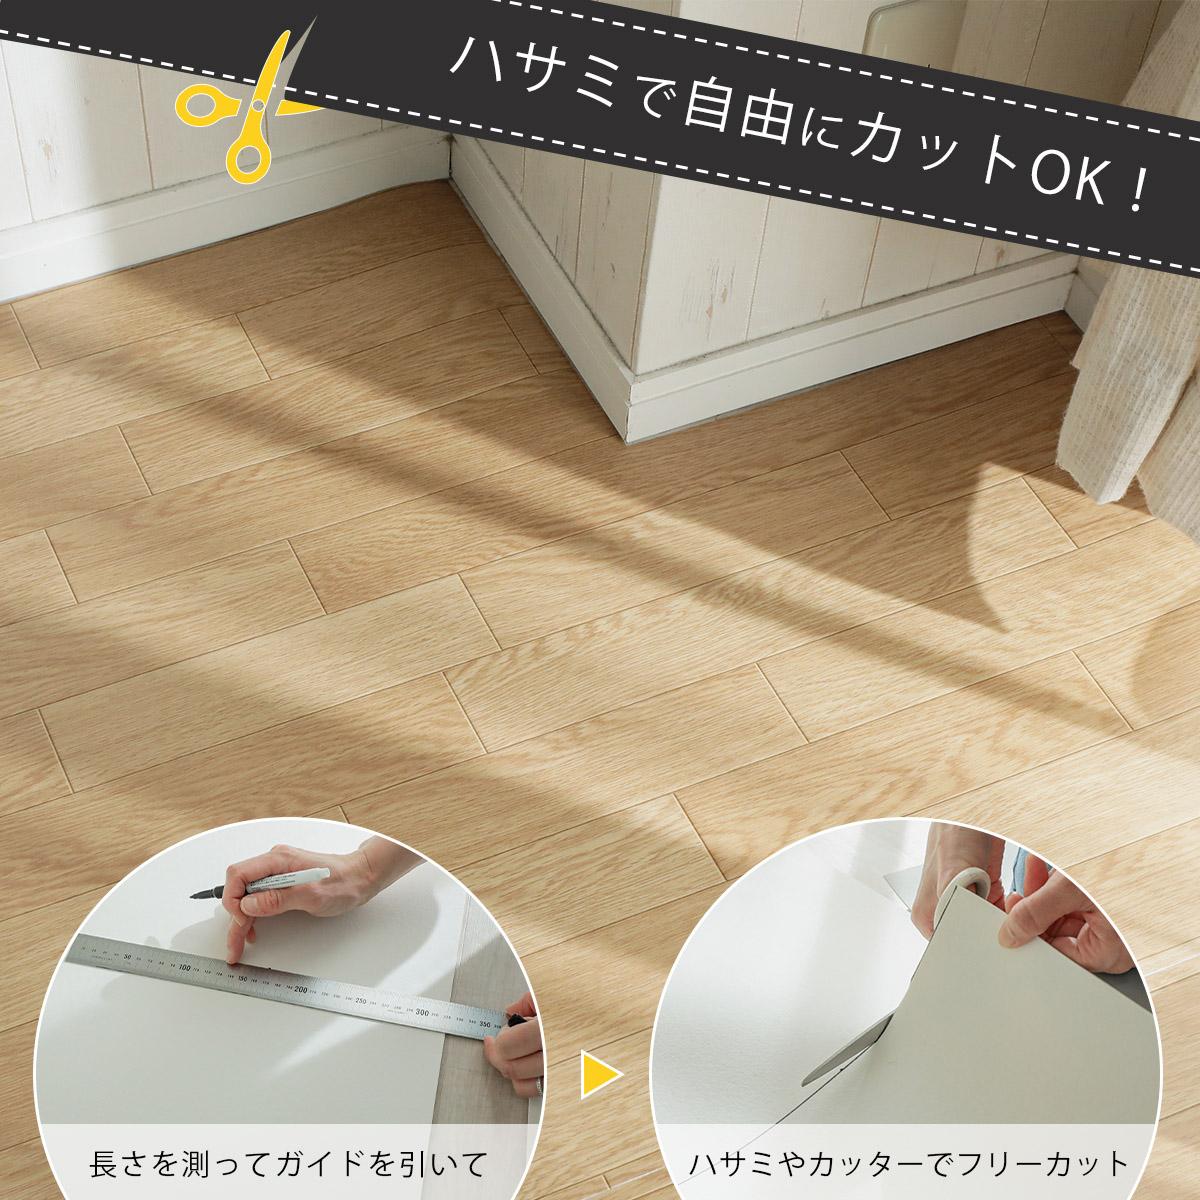 ハサミでカットできる 畳サイズカーペット